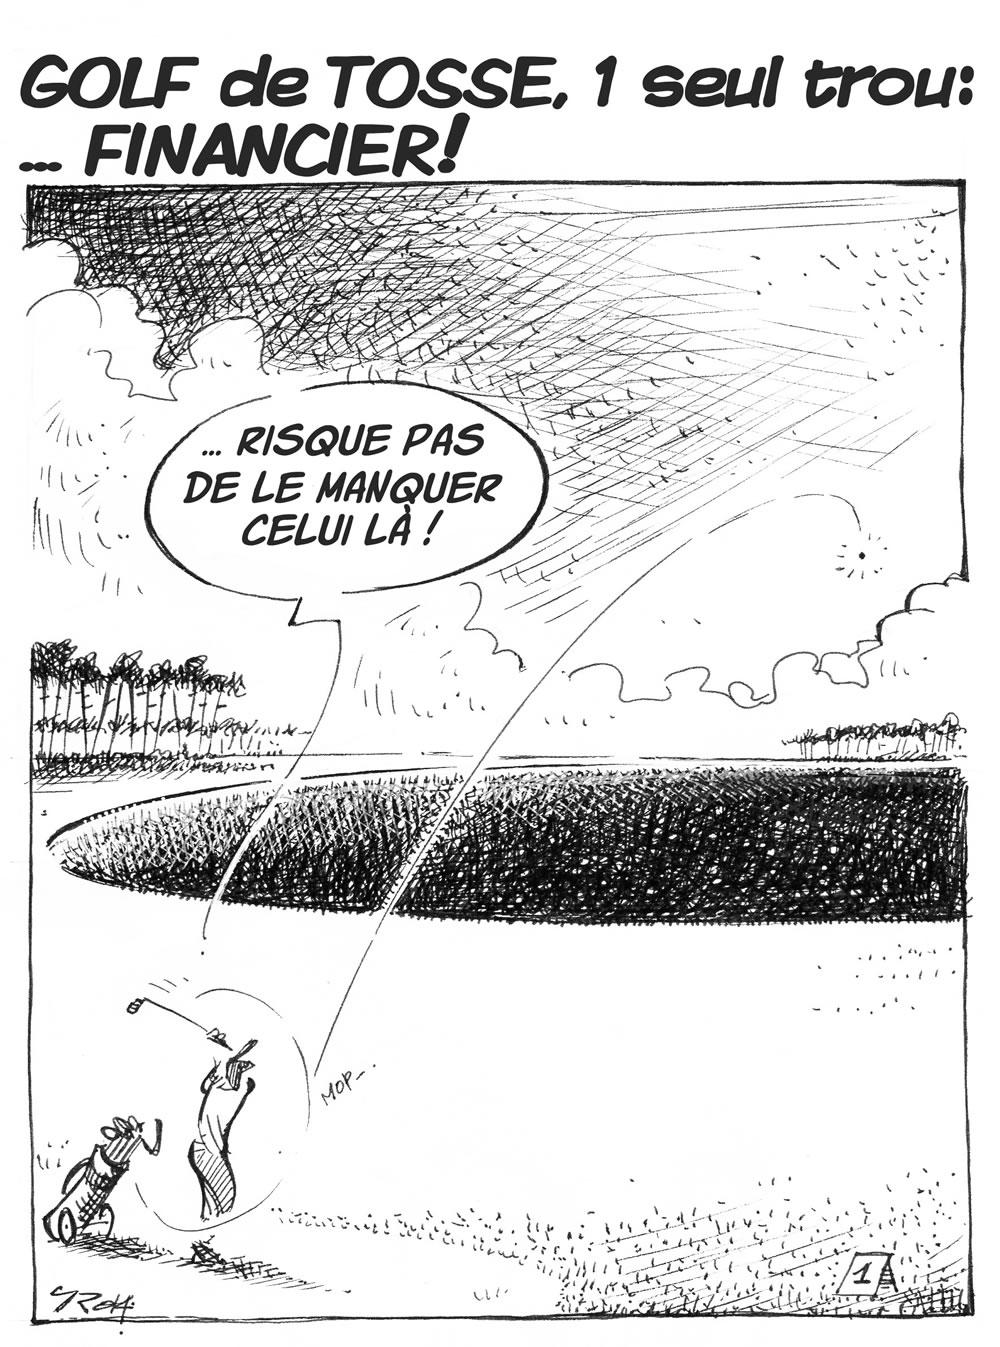 nouTous - Golf de Tosse - 1 seul trou: FINANCIER